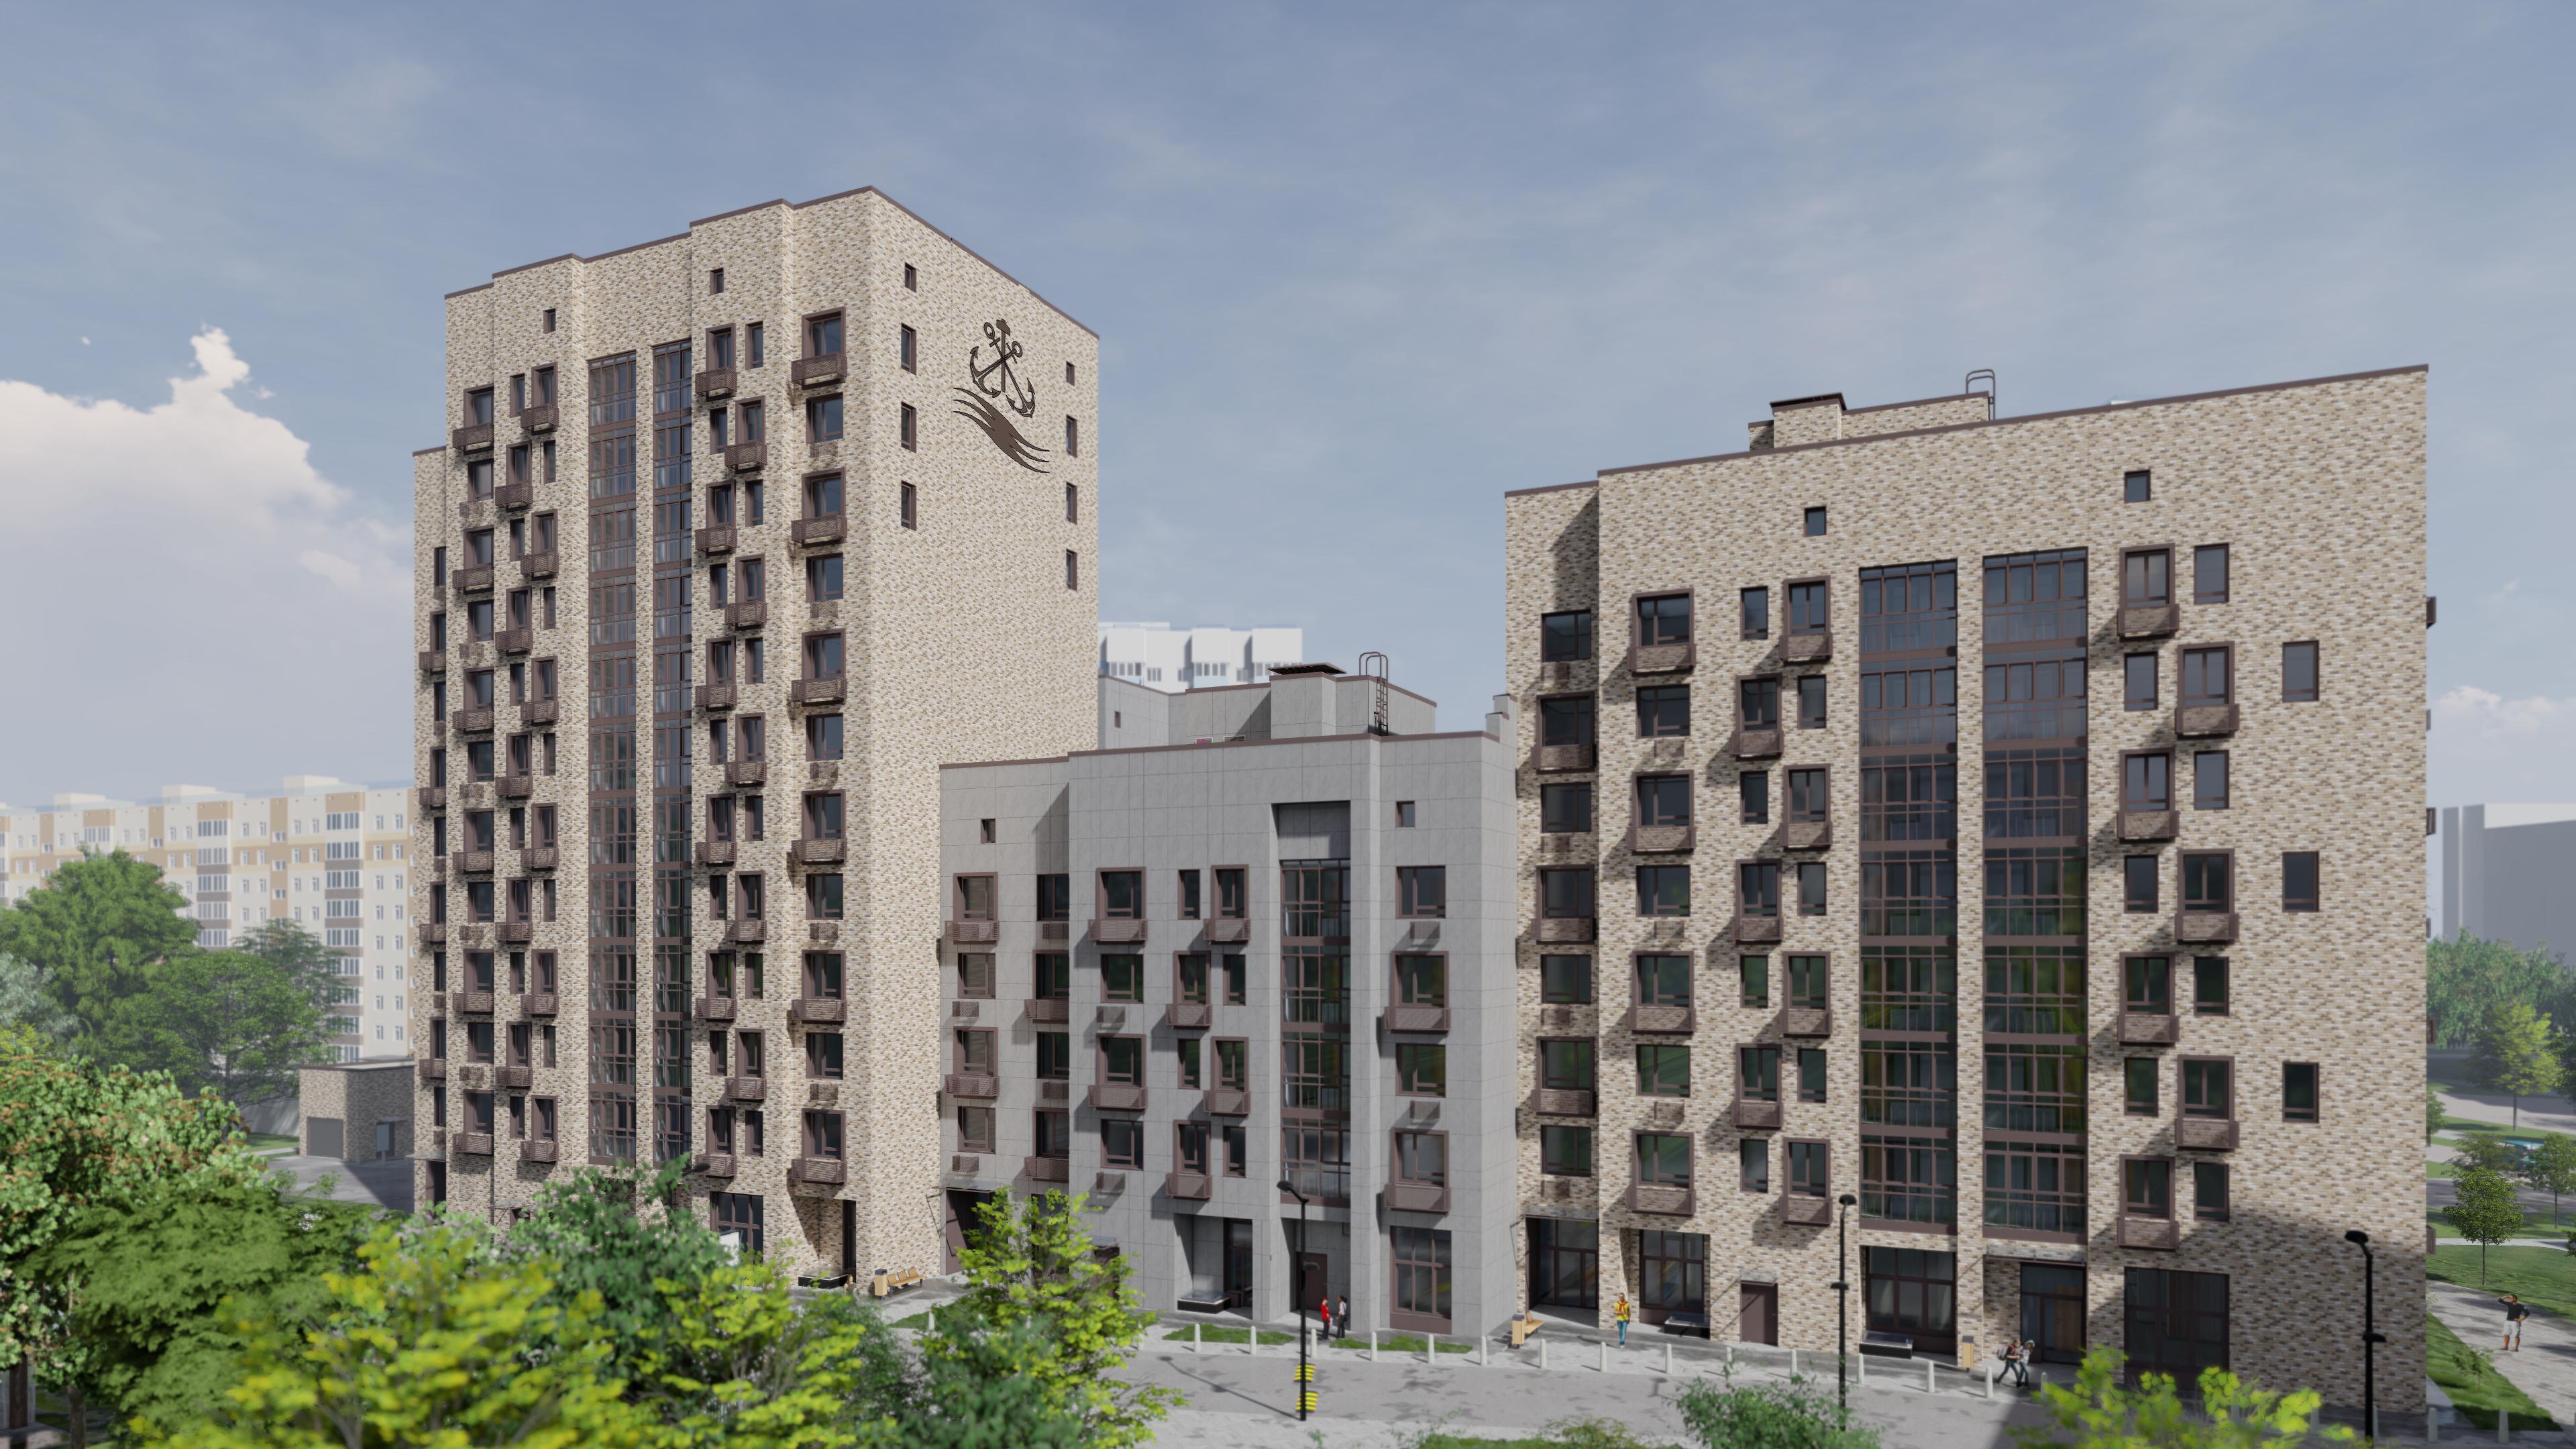 Жилой дом с инженерными сетями и благоустройством территории (Москва)